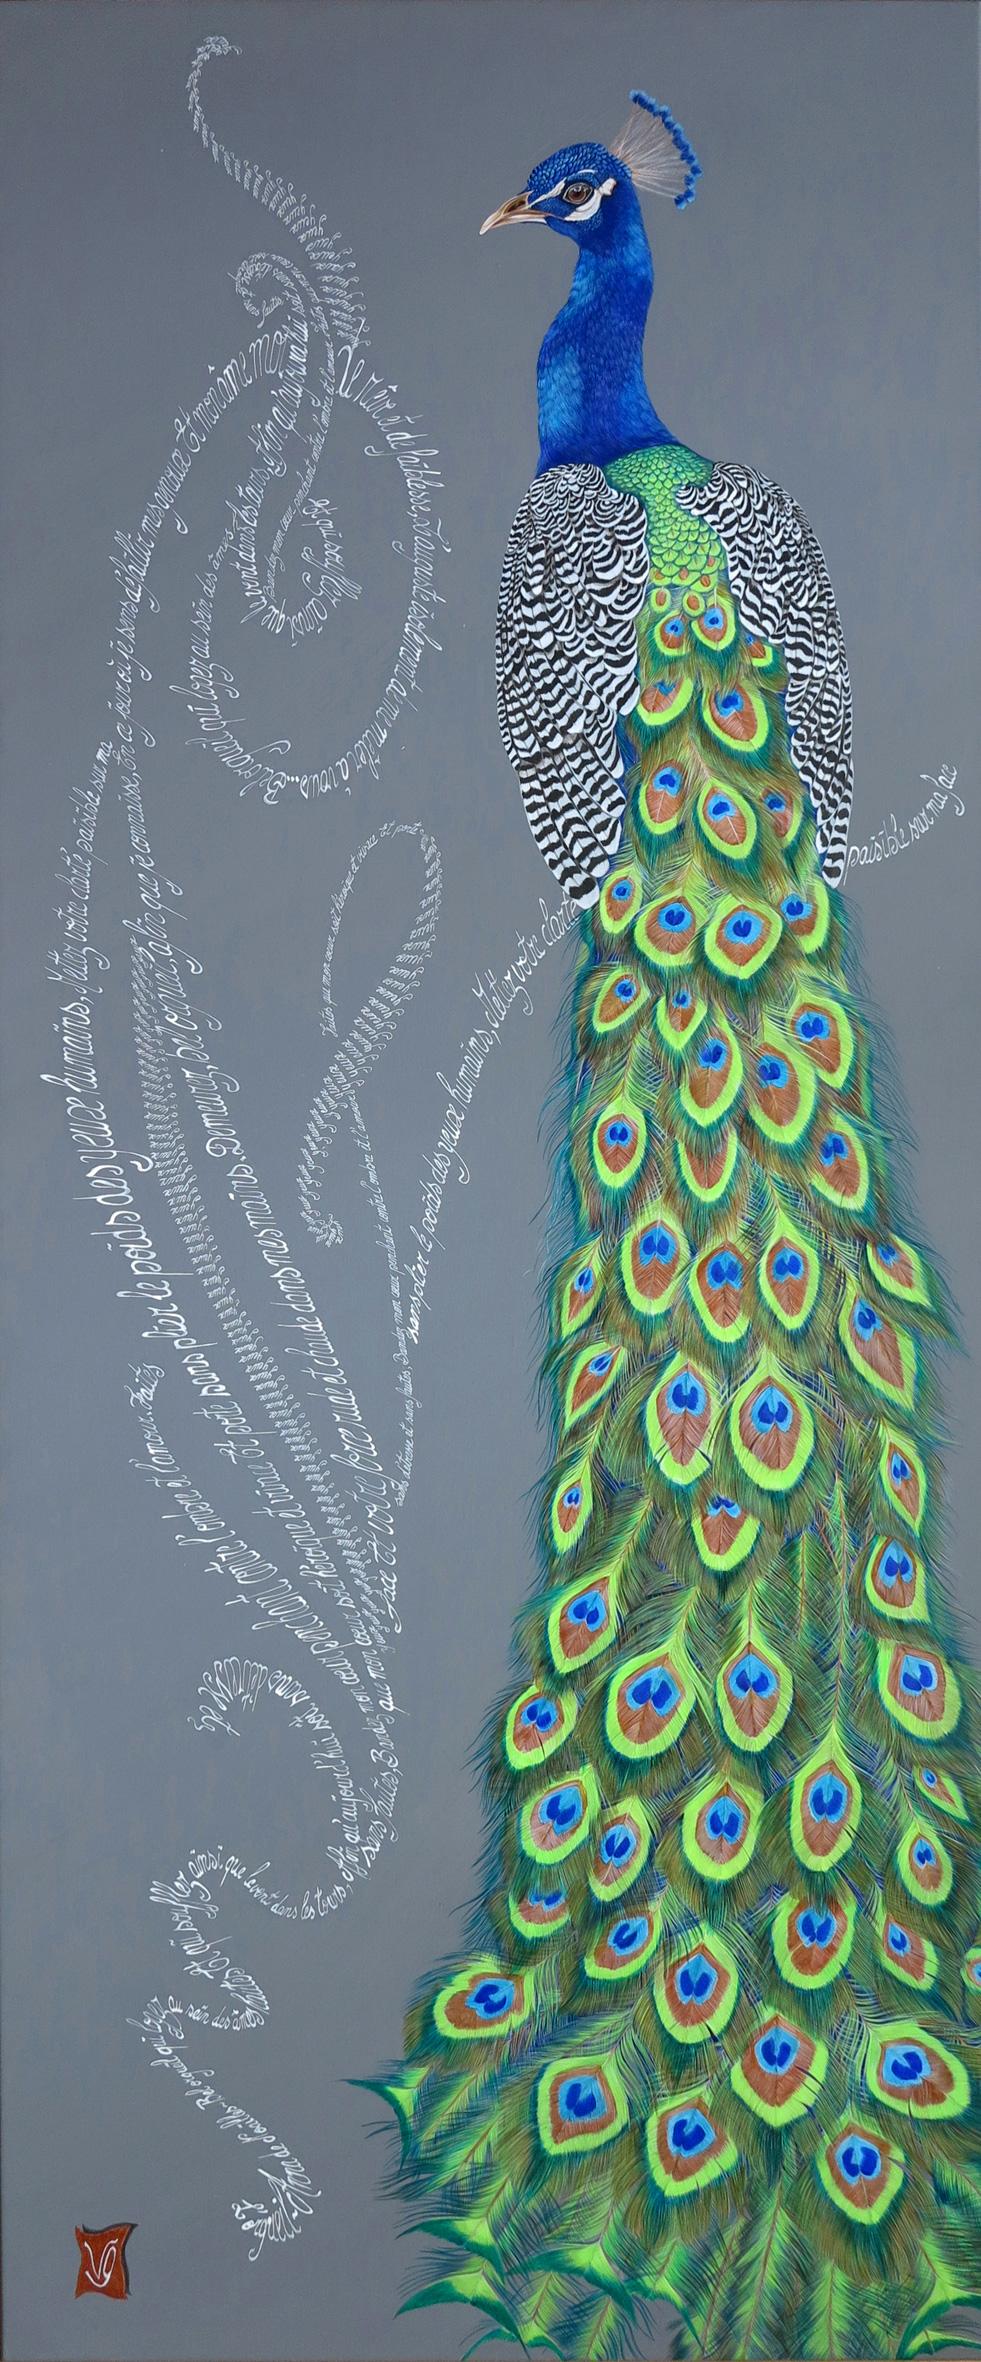 L'orgueil Acrylique et calligraphie d'après le poème d'Anna de Noailles, 120 x 50 cm Valerie Glasson